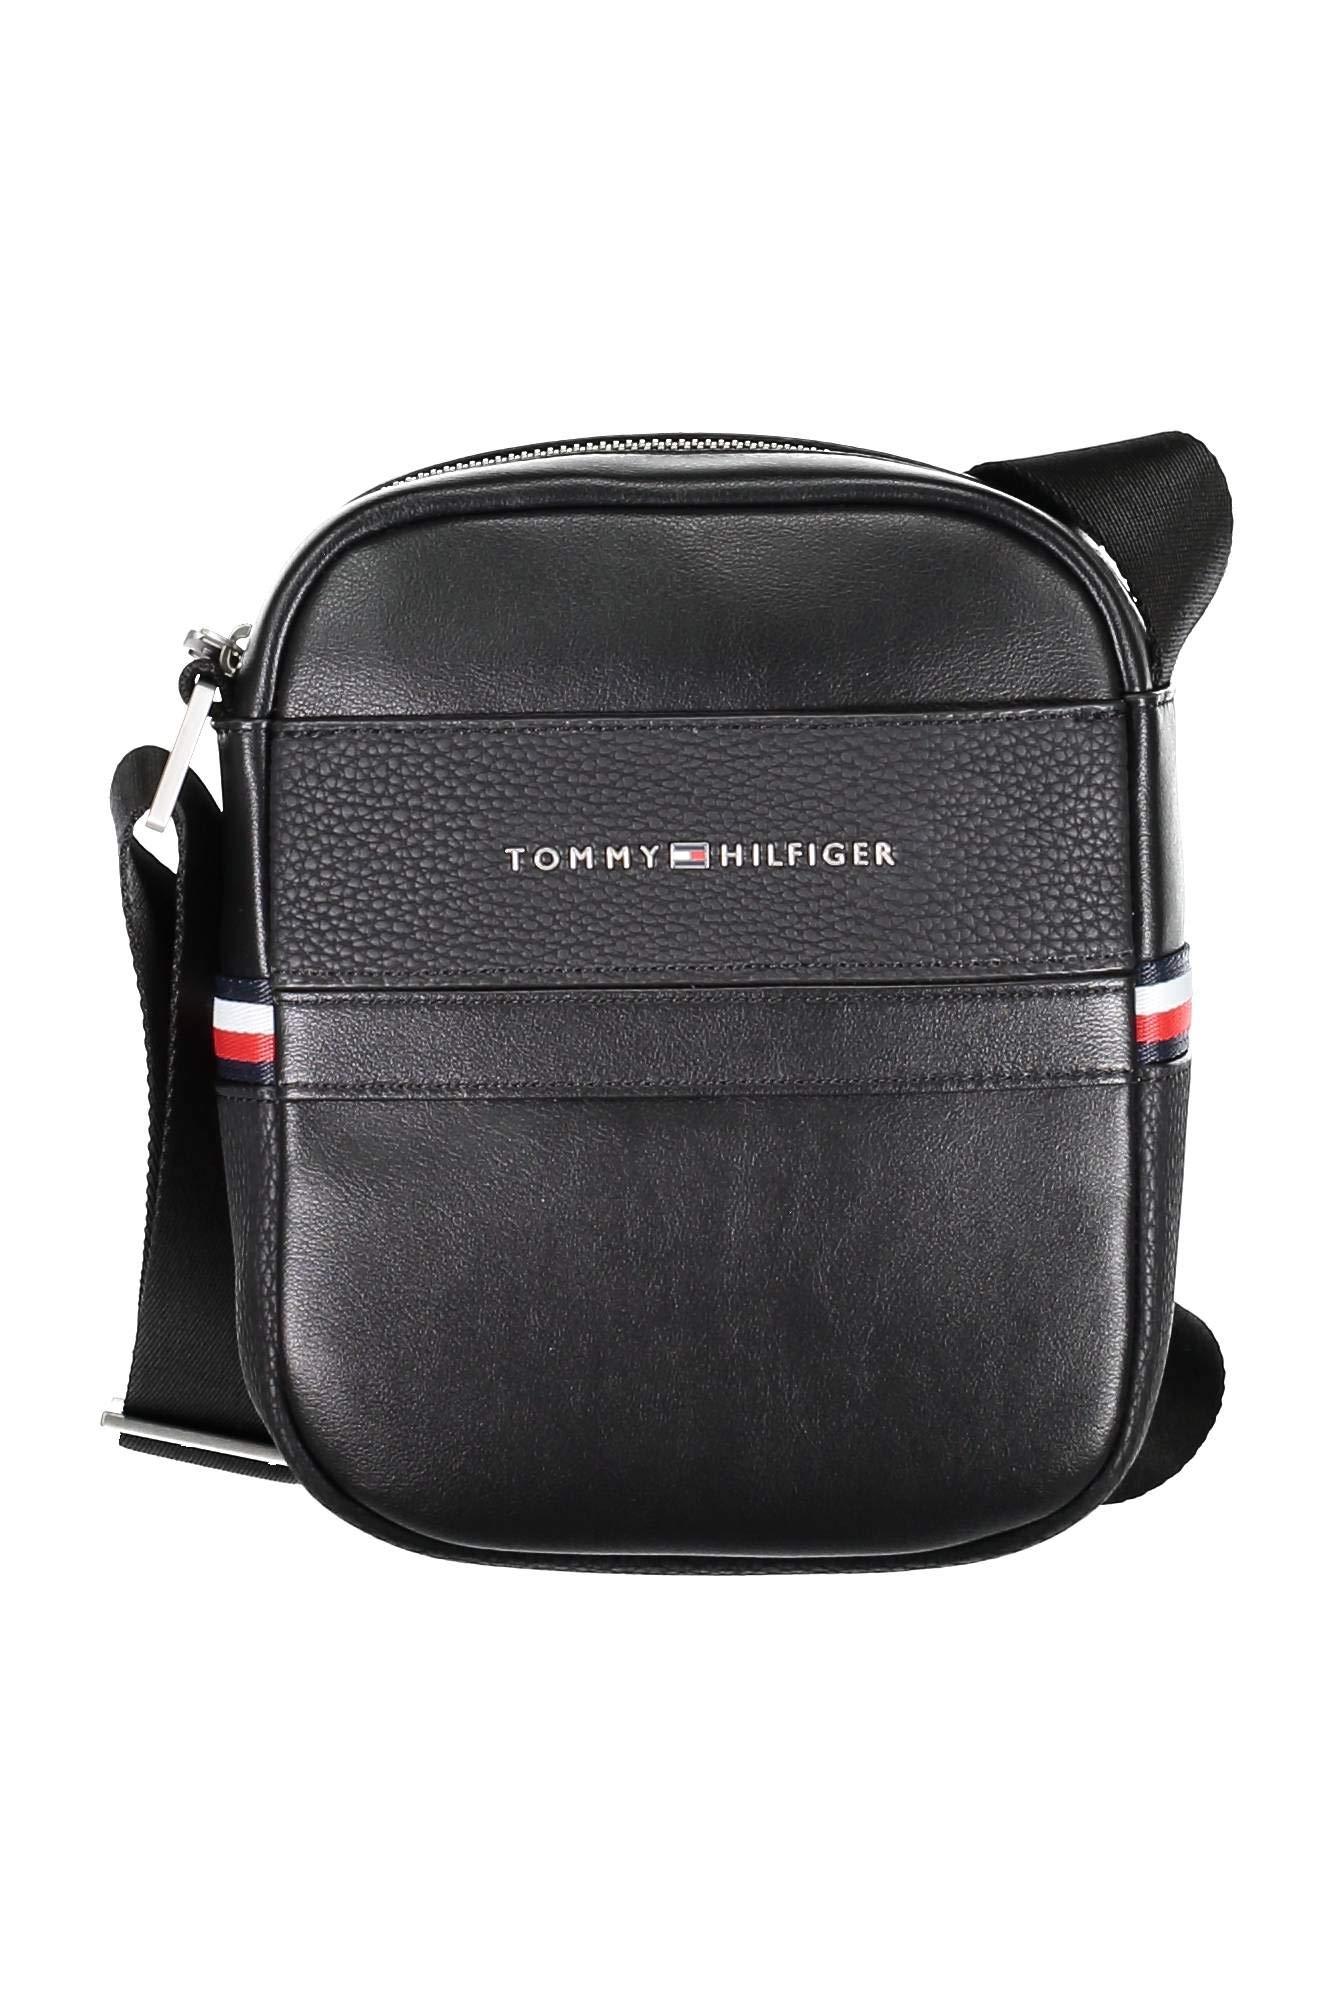 nueva llegada 60017 bf617 Tommy Hilfiger - Th Business Mini Reporter, Shoppers y bolsos de hombro  Hombre, Negro (Black), 6x21x18 cm (B x H T) — Carteras y Bolsos